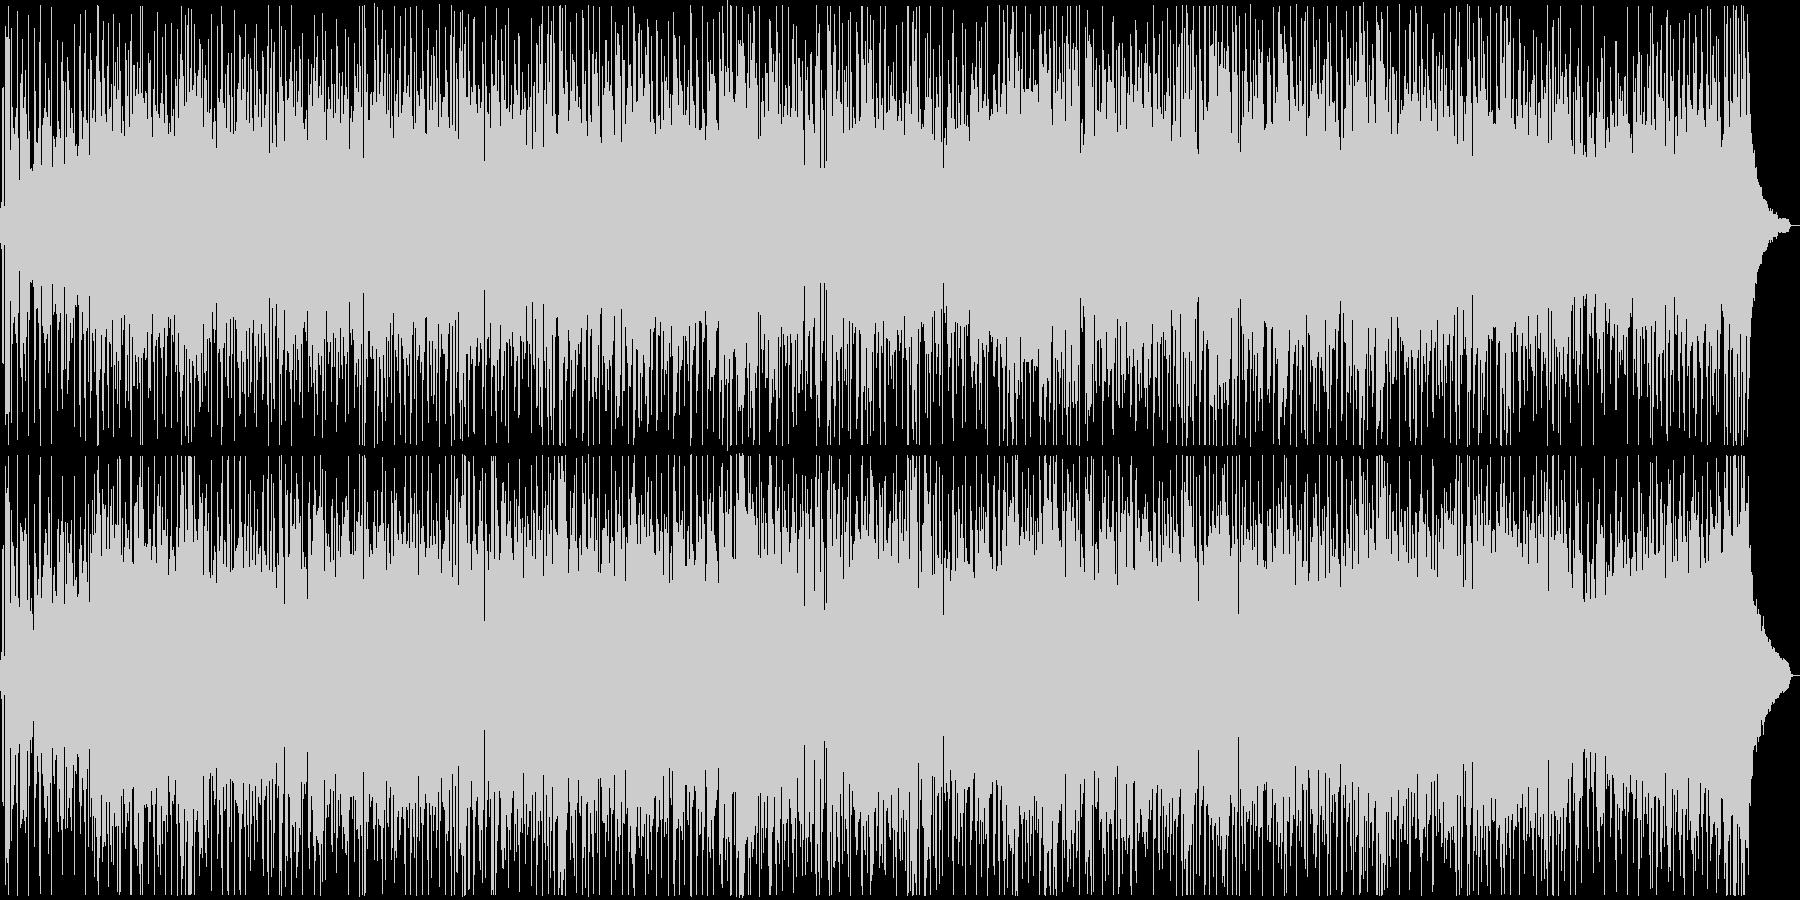 アコギを用いた爽やかなポップ楽曲の未再生の波形